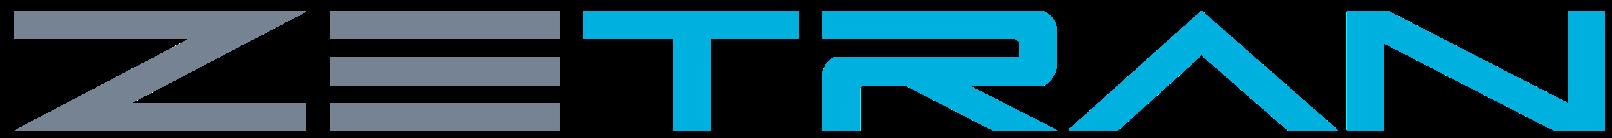 Zetran logo